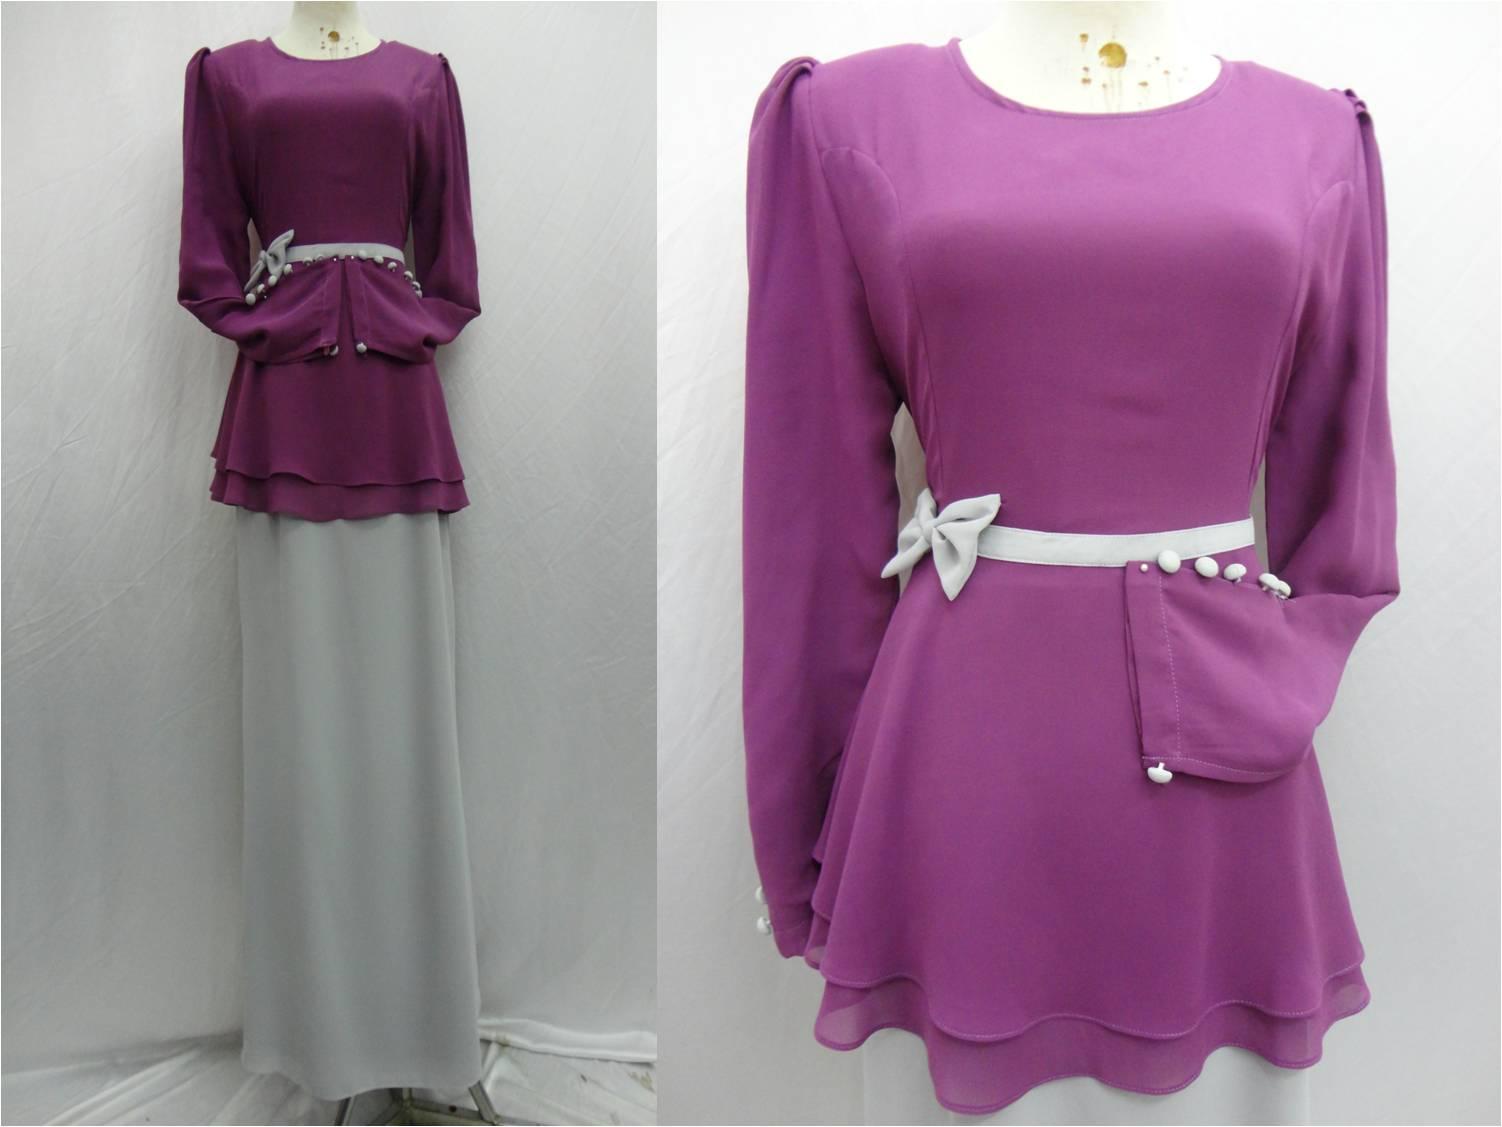 2013 New Styles Baju Baju Trend 2013 Model Baju Remaja